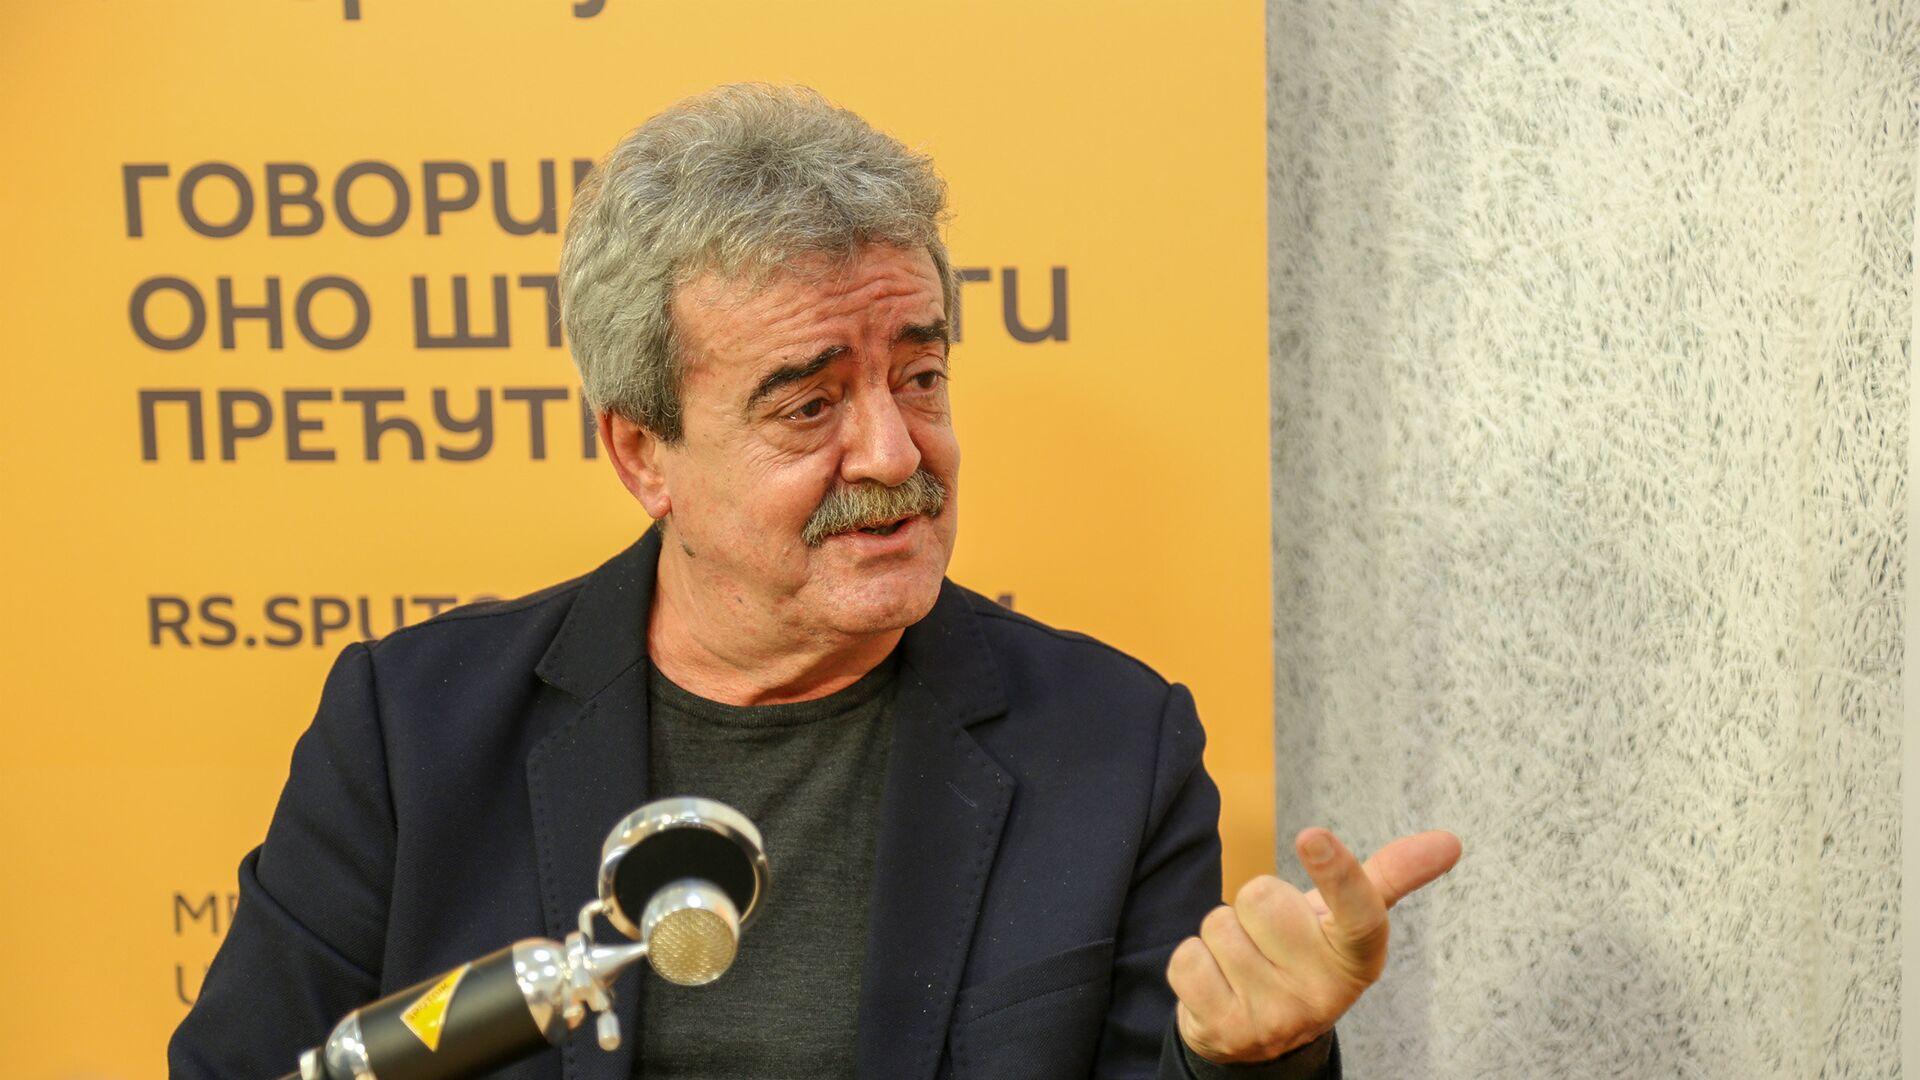 Момир Булатовић: Тешко је остварити сарадњу и измакнути се од долара, када је сваки компјутер сваке банке калибриран на долар  - Sputnik Србија, 1920, 25.09.2021